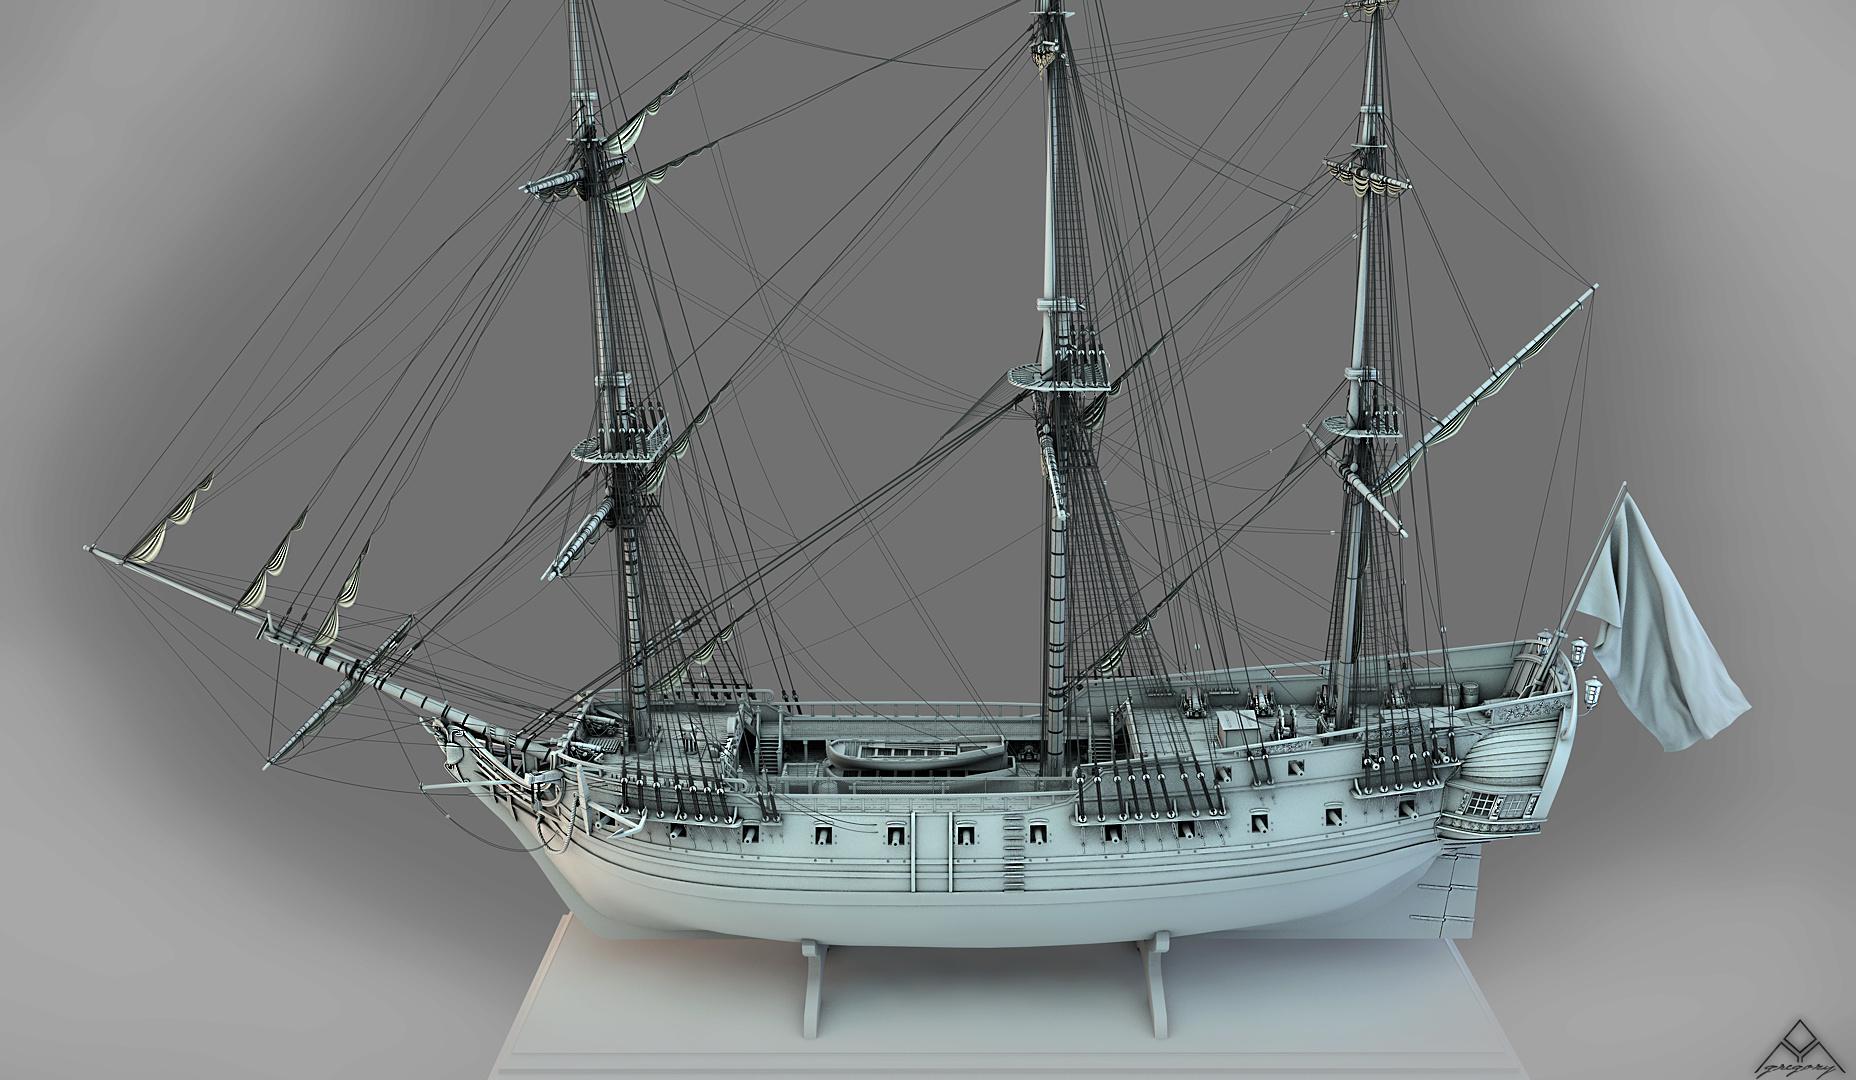 Frégate 36 canons XVIII° (Création 3D) par Greg_3D - Page 8 Frzoga18